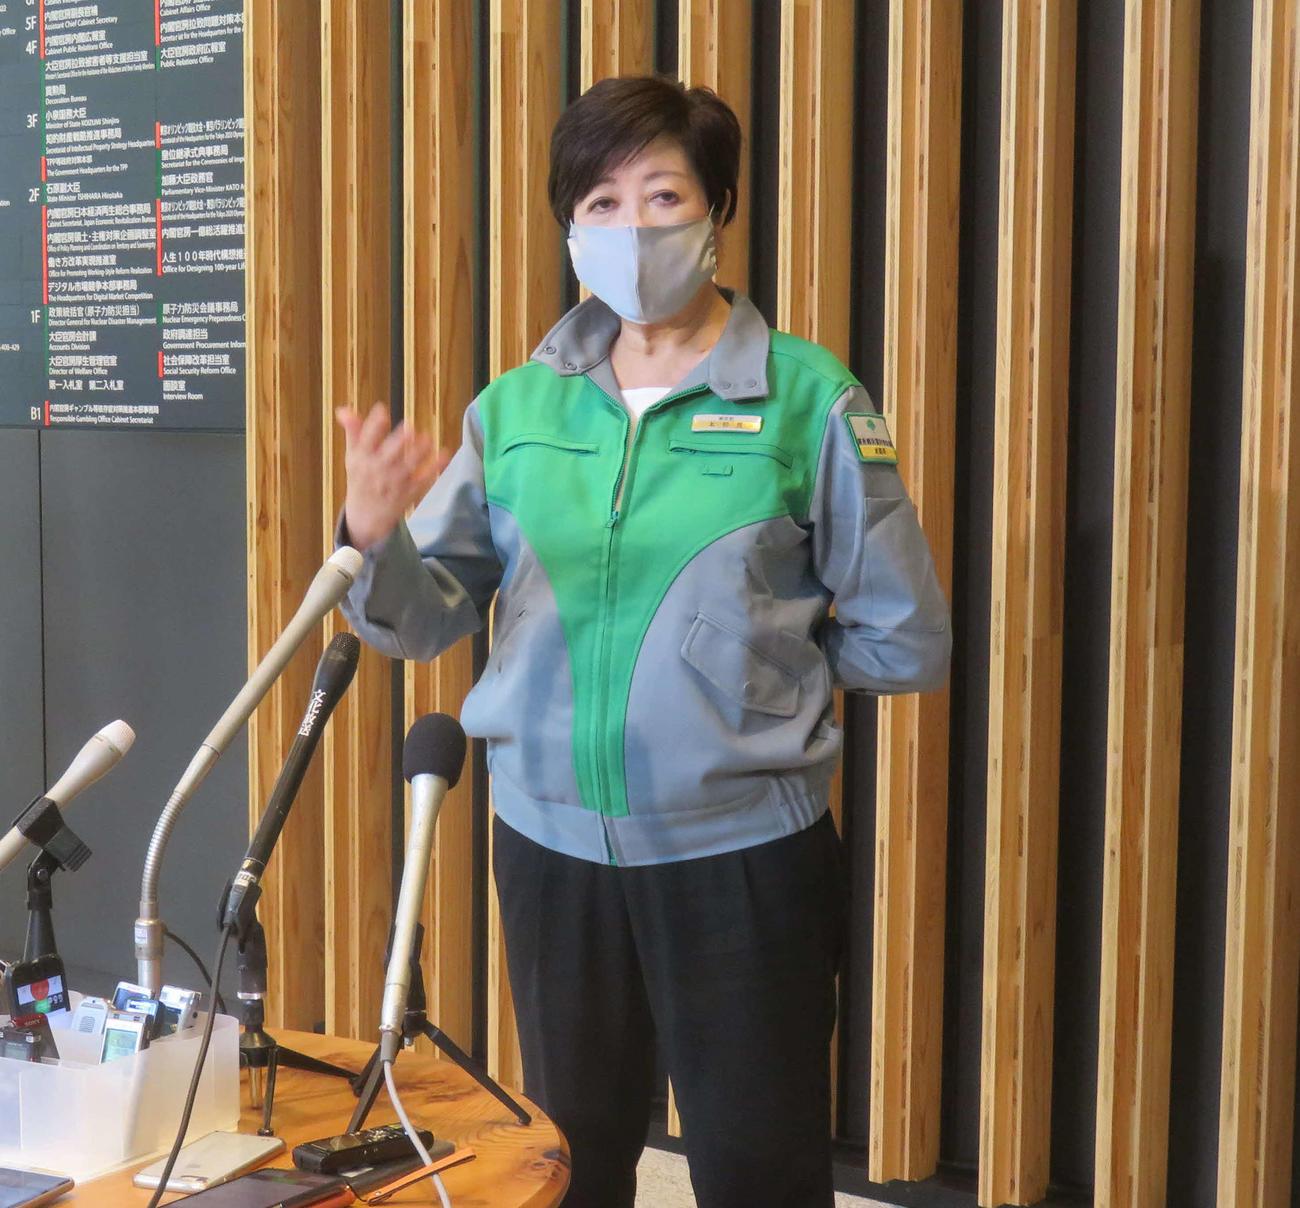 小池百合子都知事は西村経済再生相と夜の繁華街での新規感染者対策について初の協議を行い、会見した